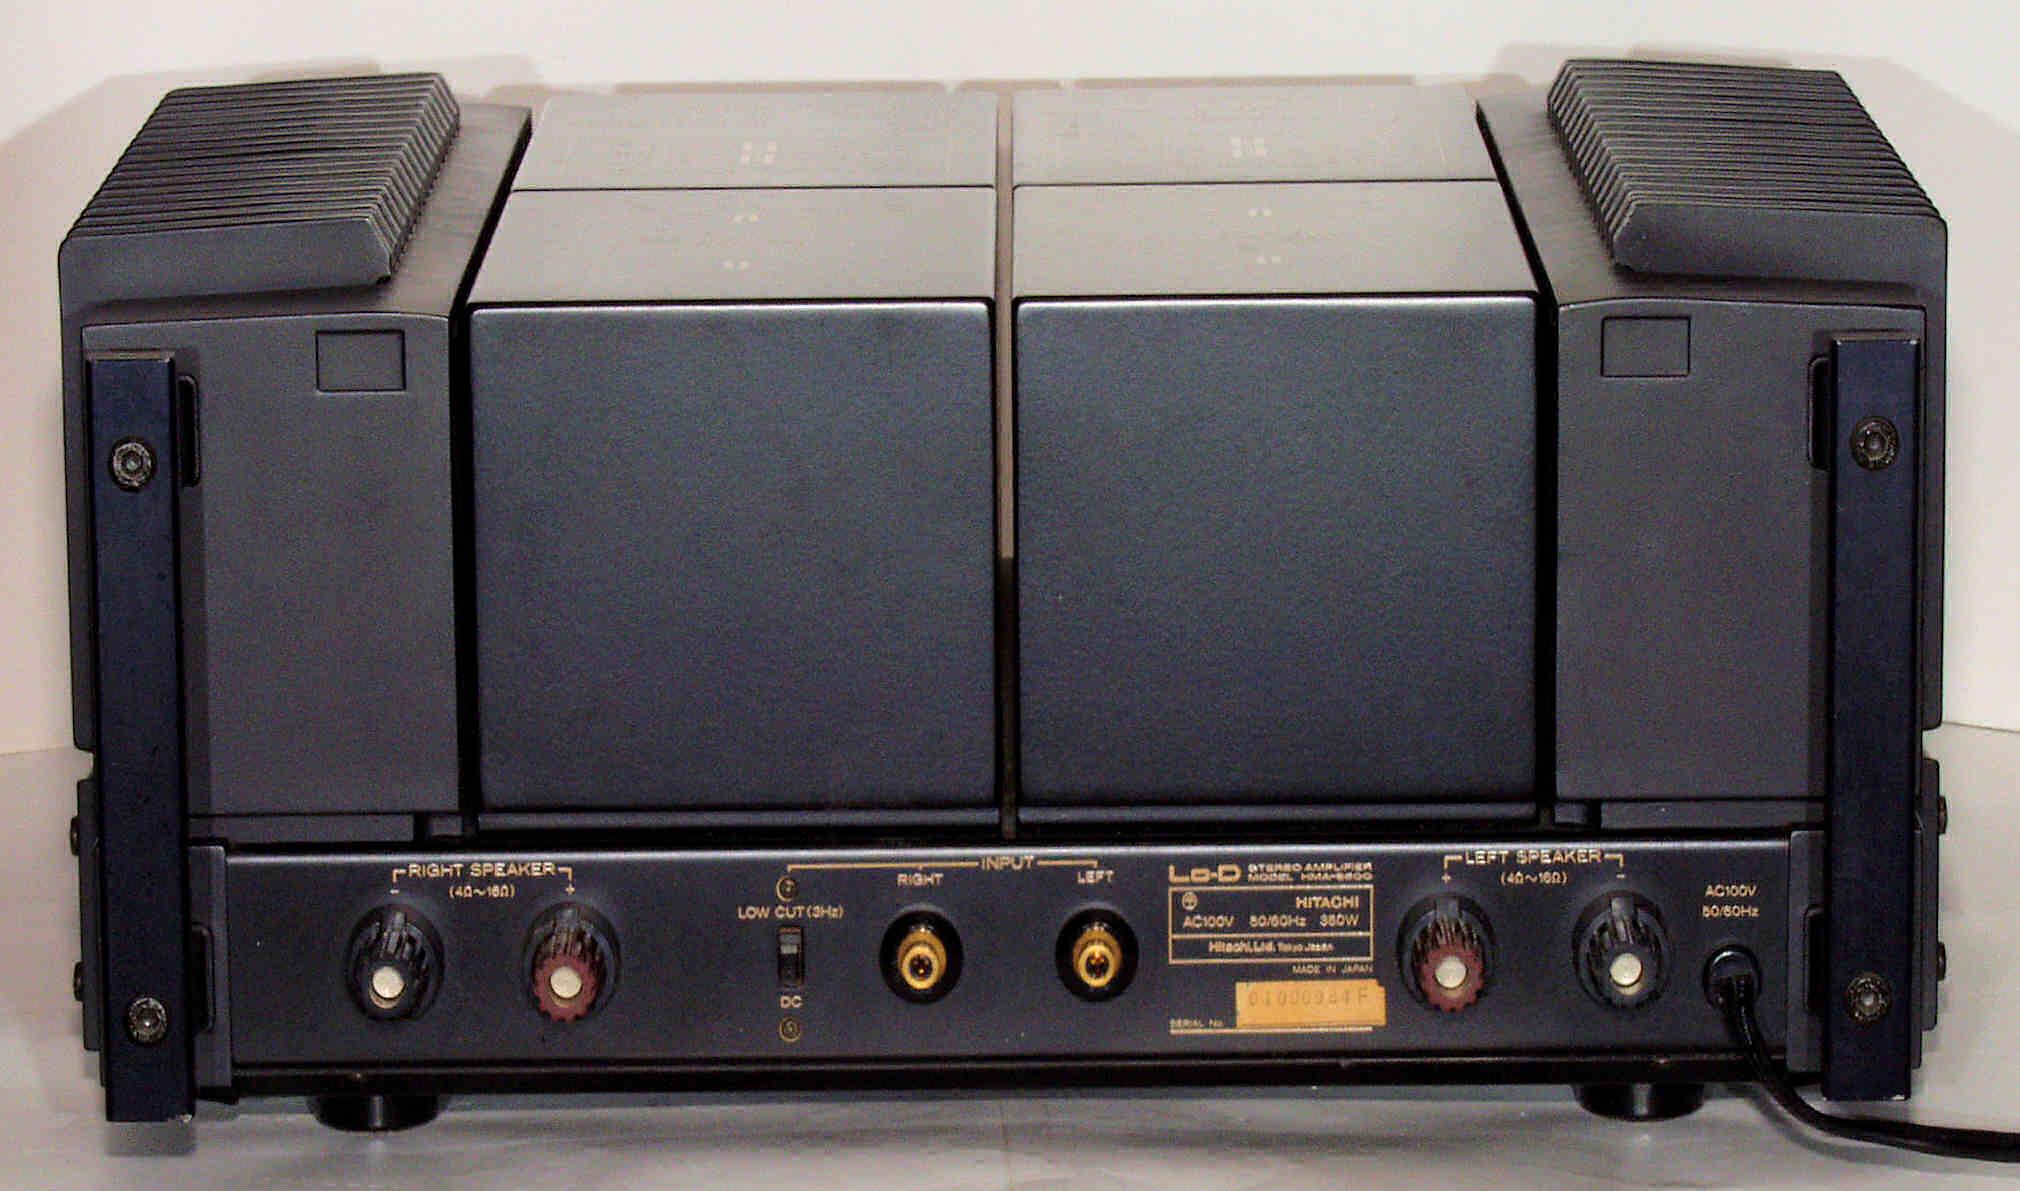 Armas de Arremesso 9500m-s4